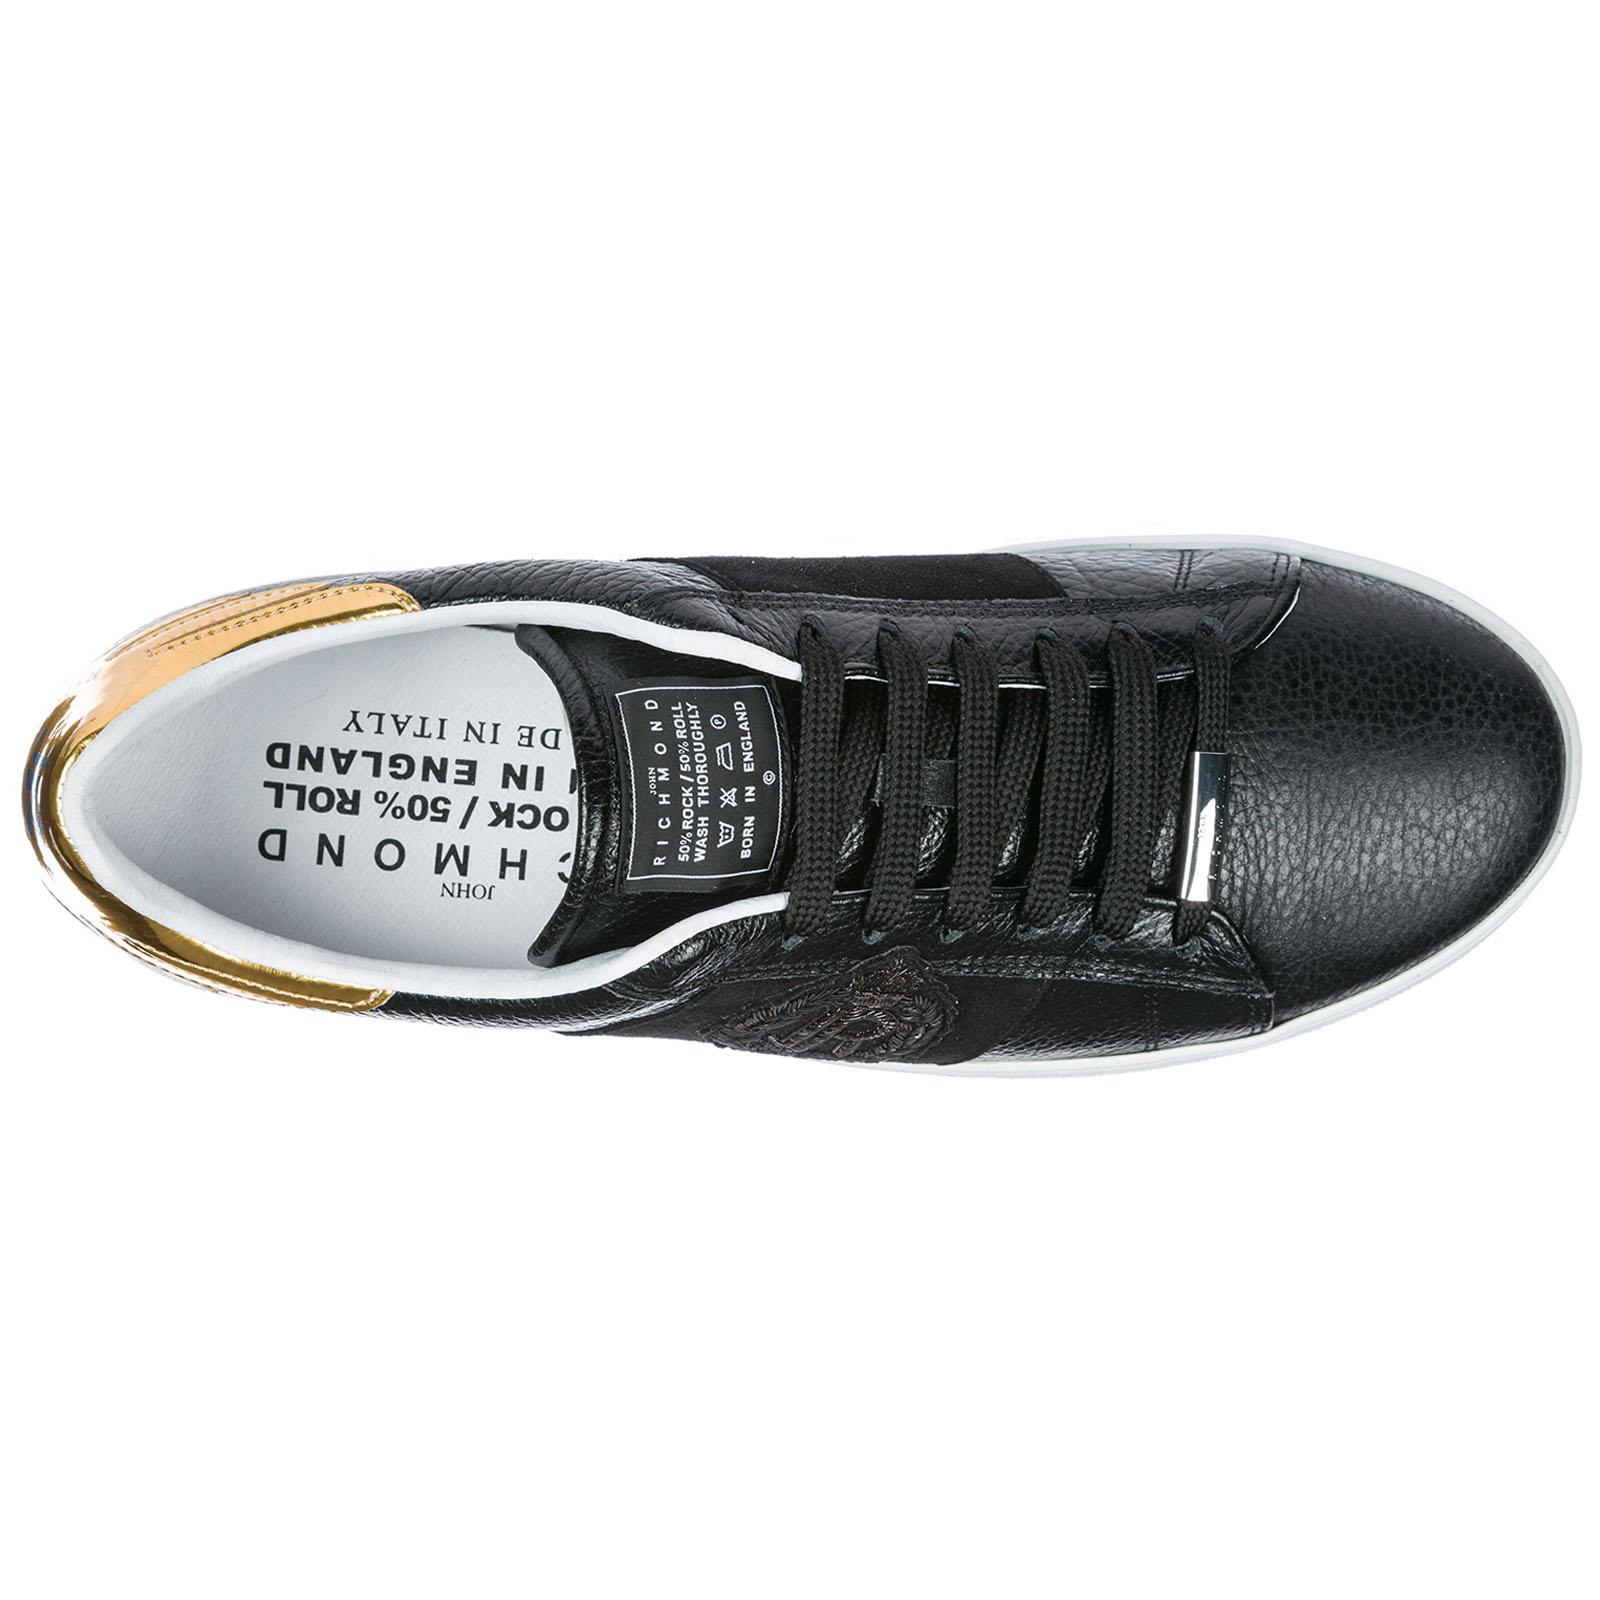 buy online d312b 0c50d Scarpe sneakers uomo in pelle panama